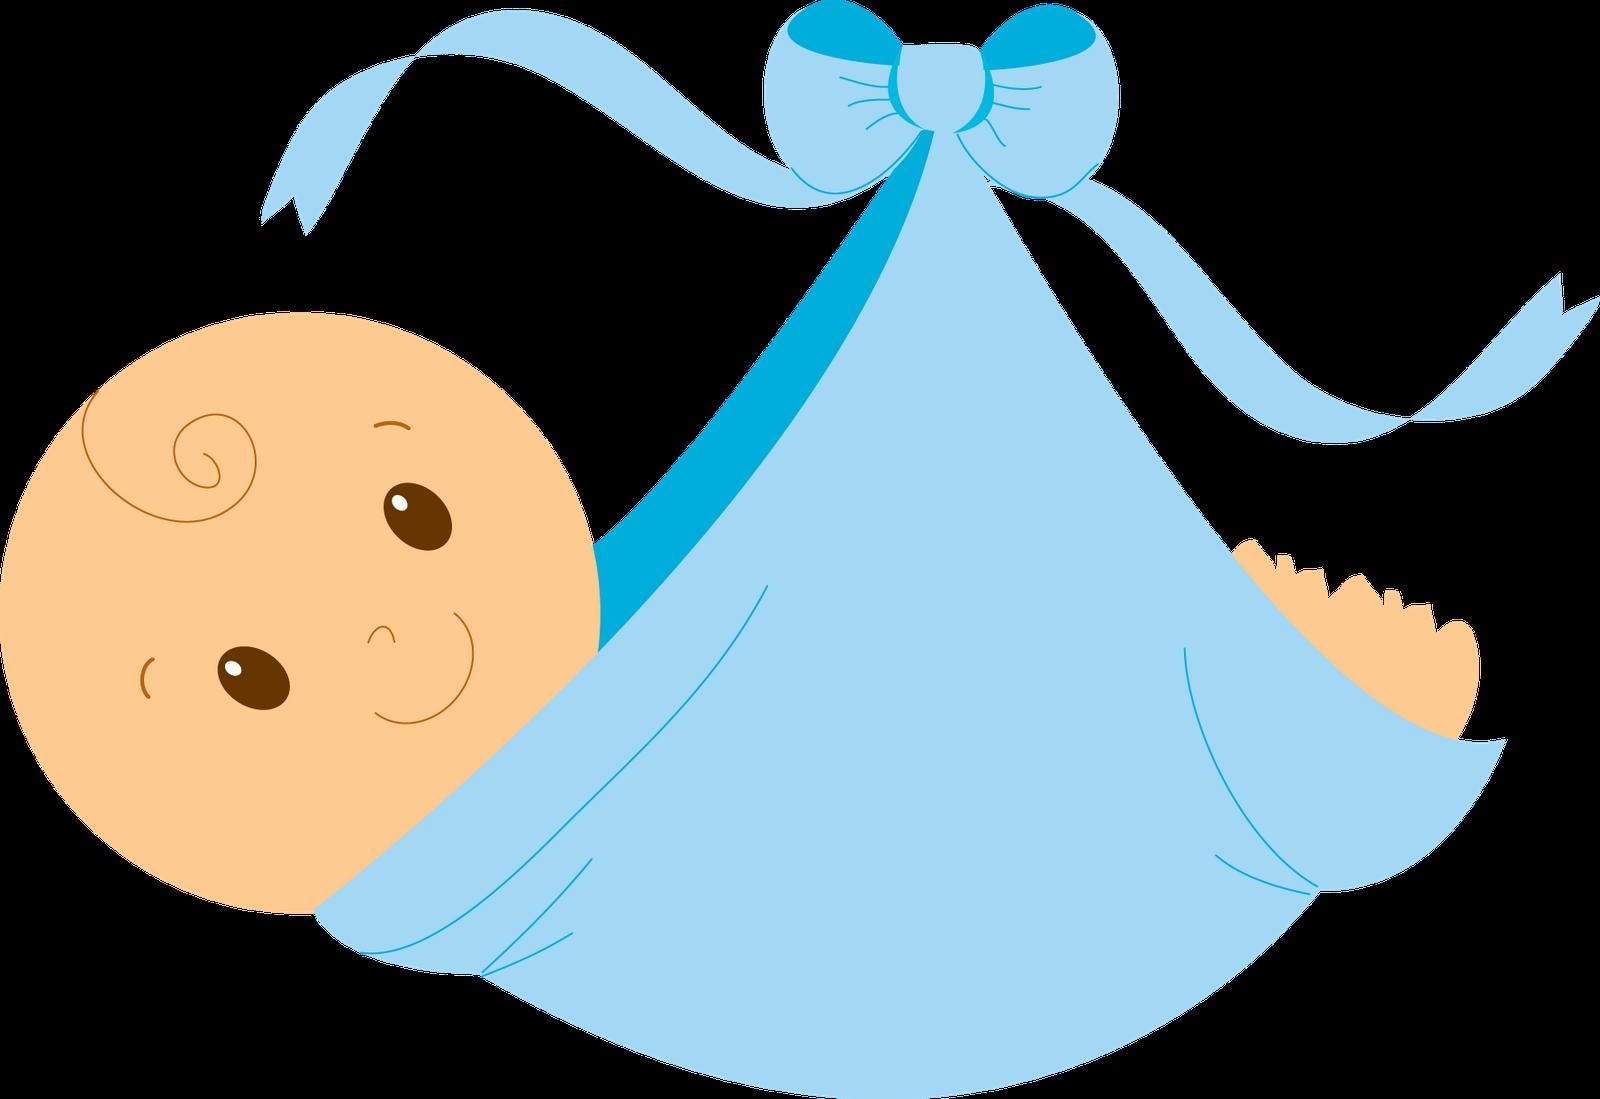 ... Clip Art Baby U0026middot; Detonando-... Clip Art Baby u0026middot; Detonando Brushes Babys-13